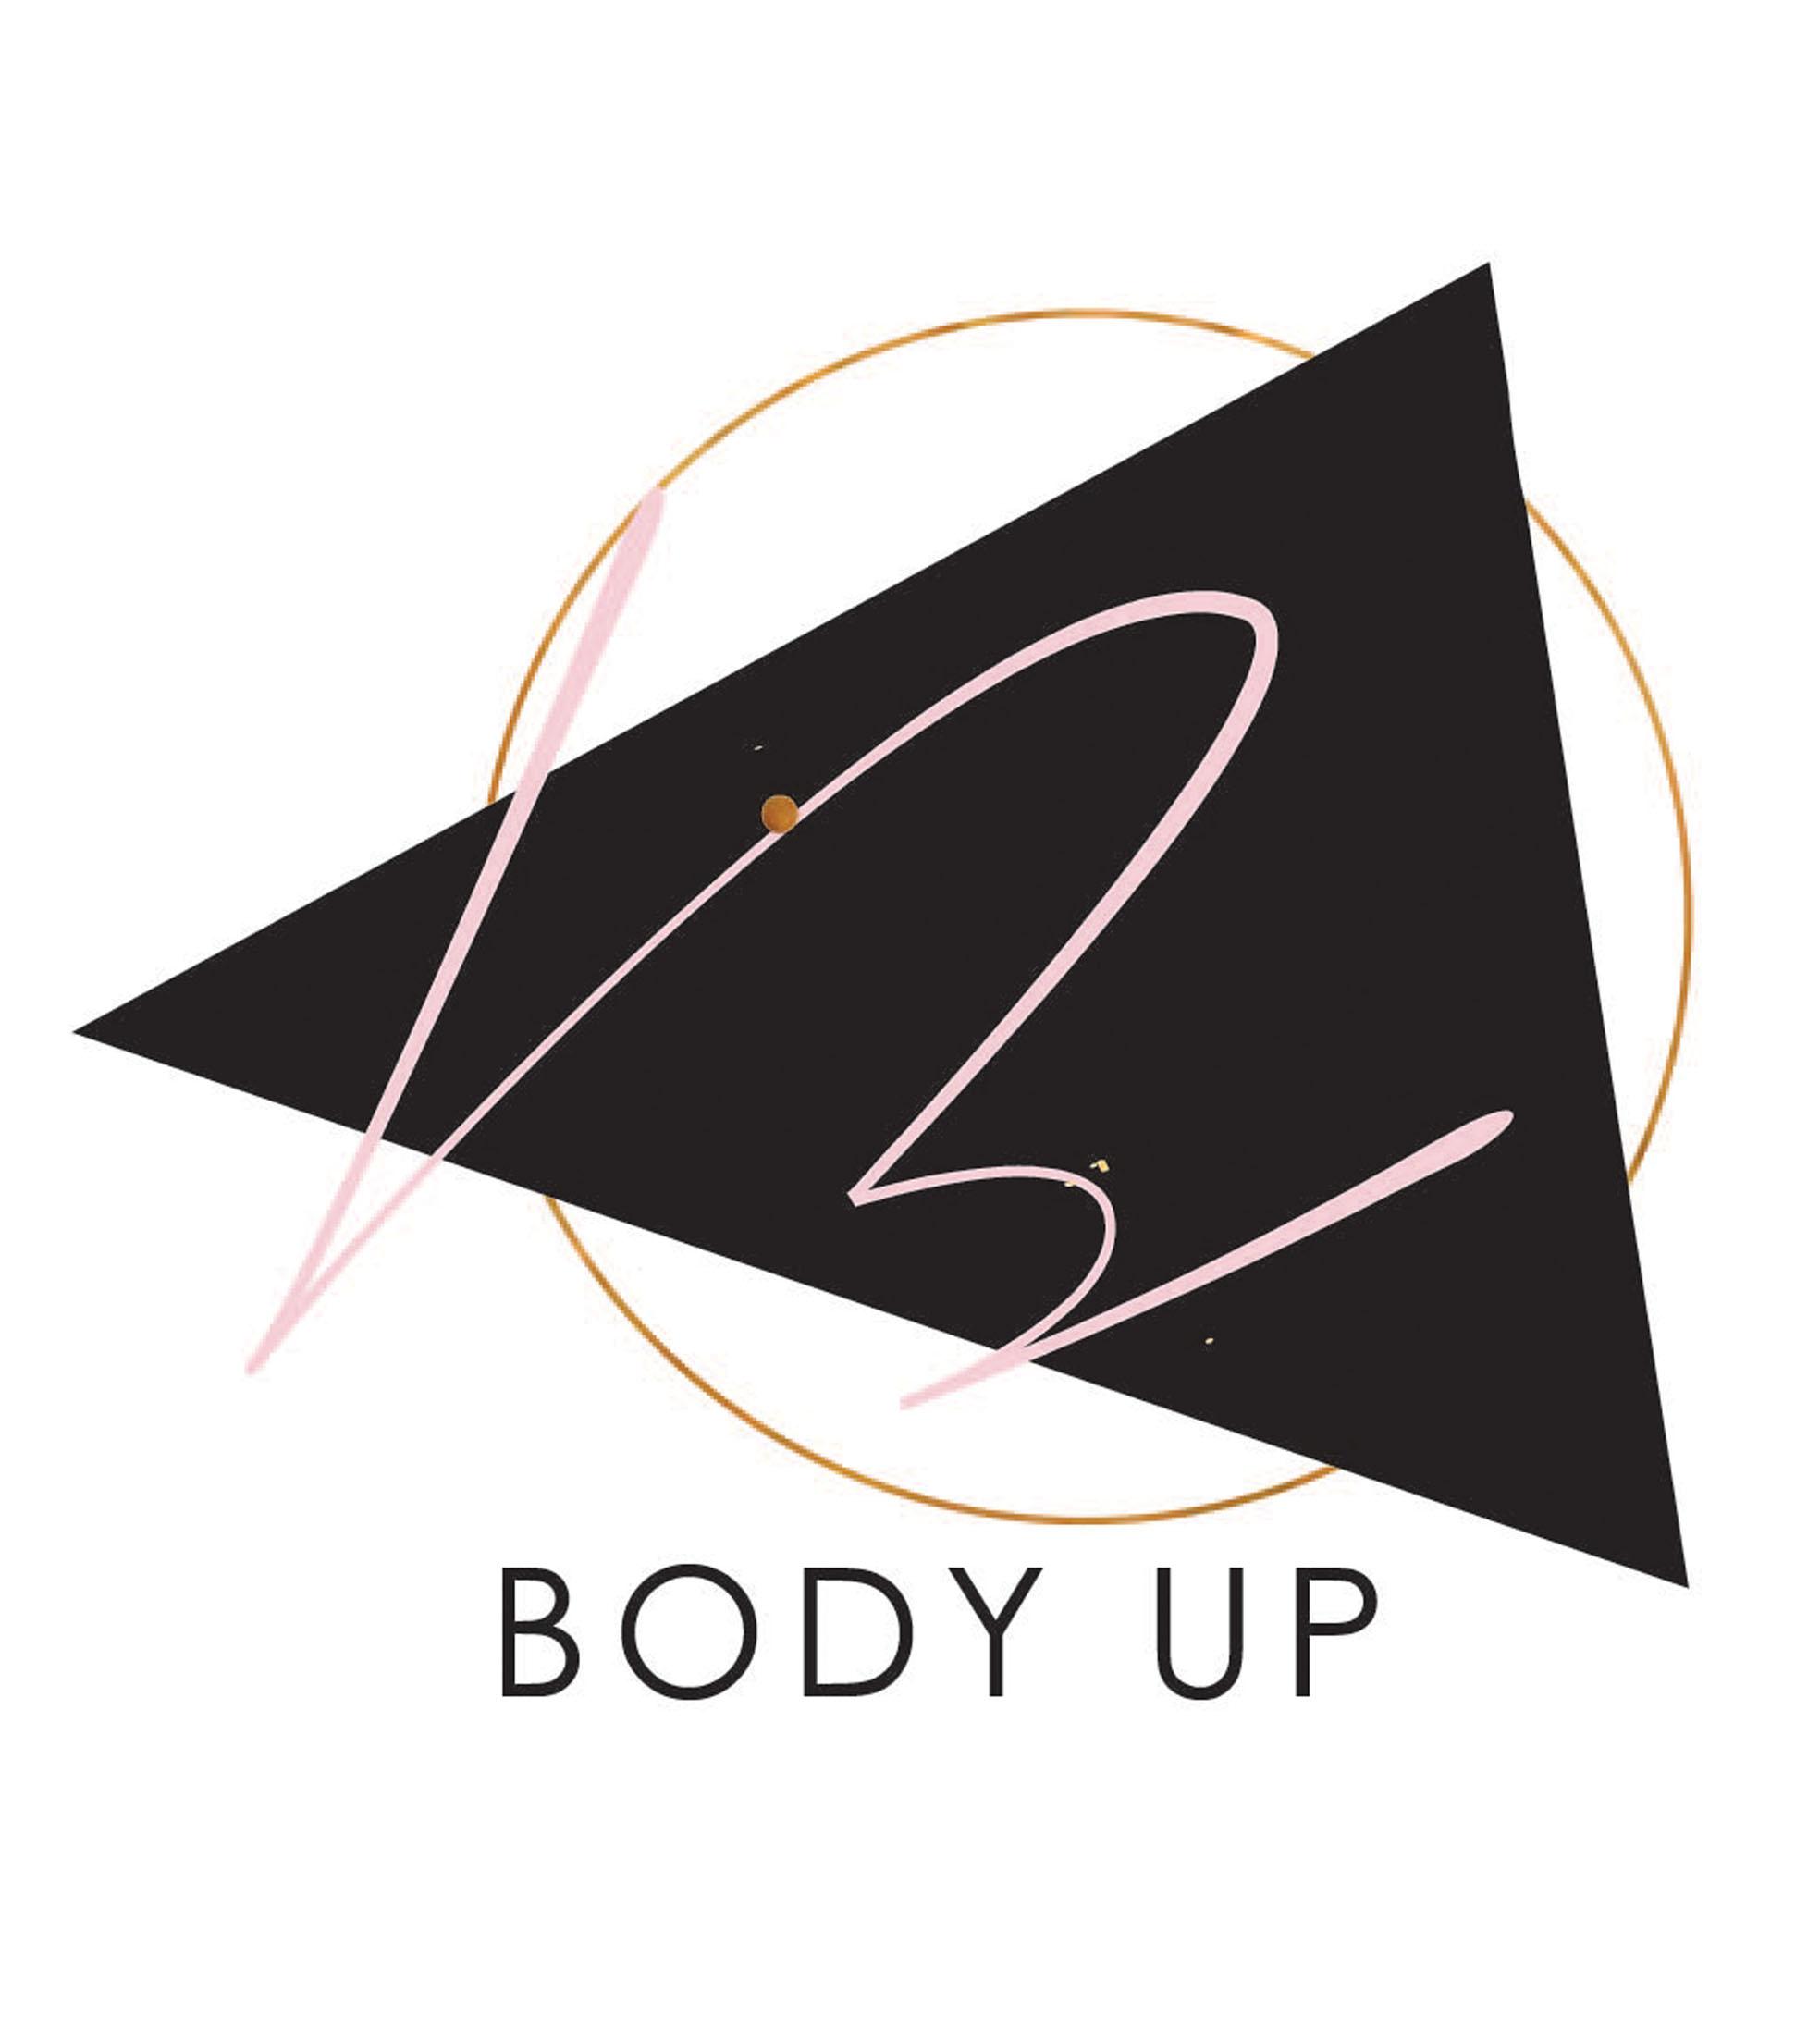 Logo drafts